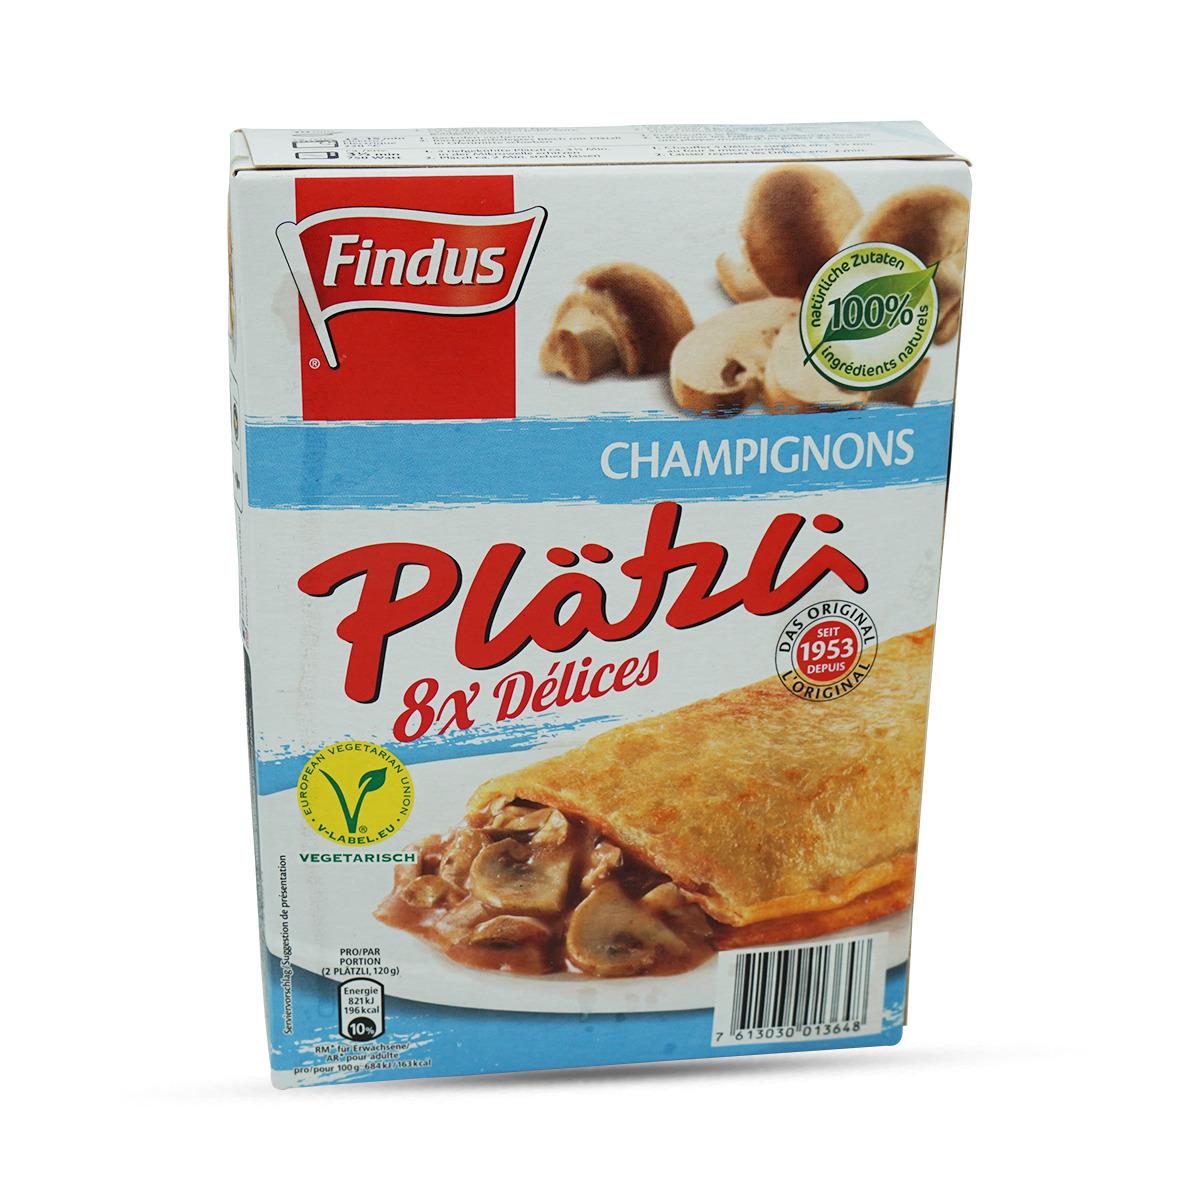 Findus Plätzli mit Champignons 8 Stk.